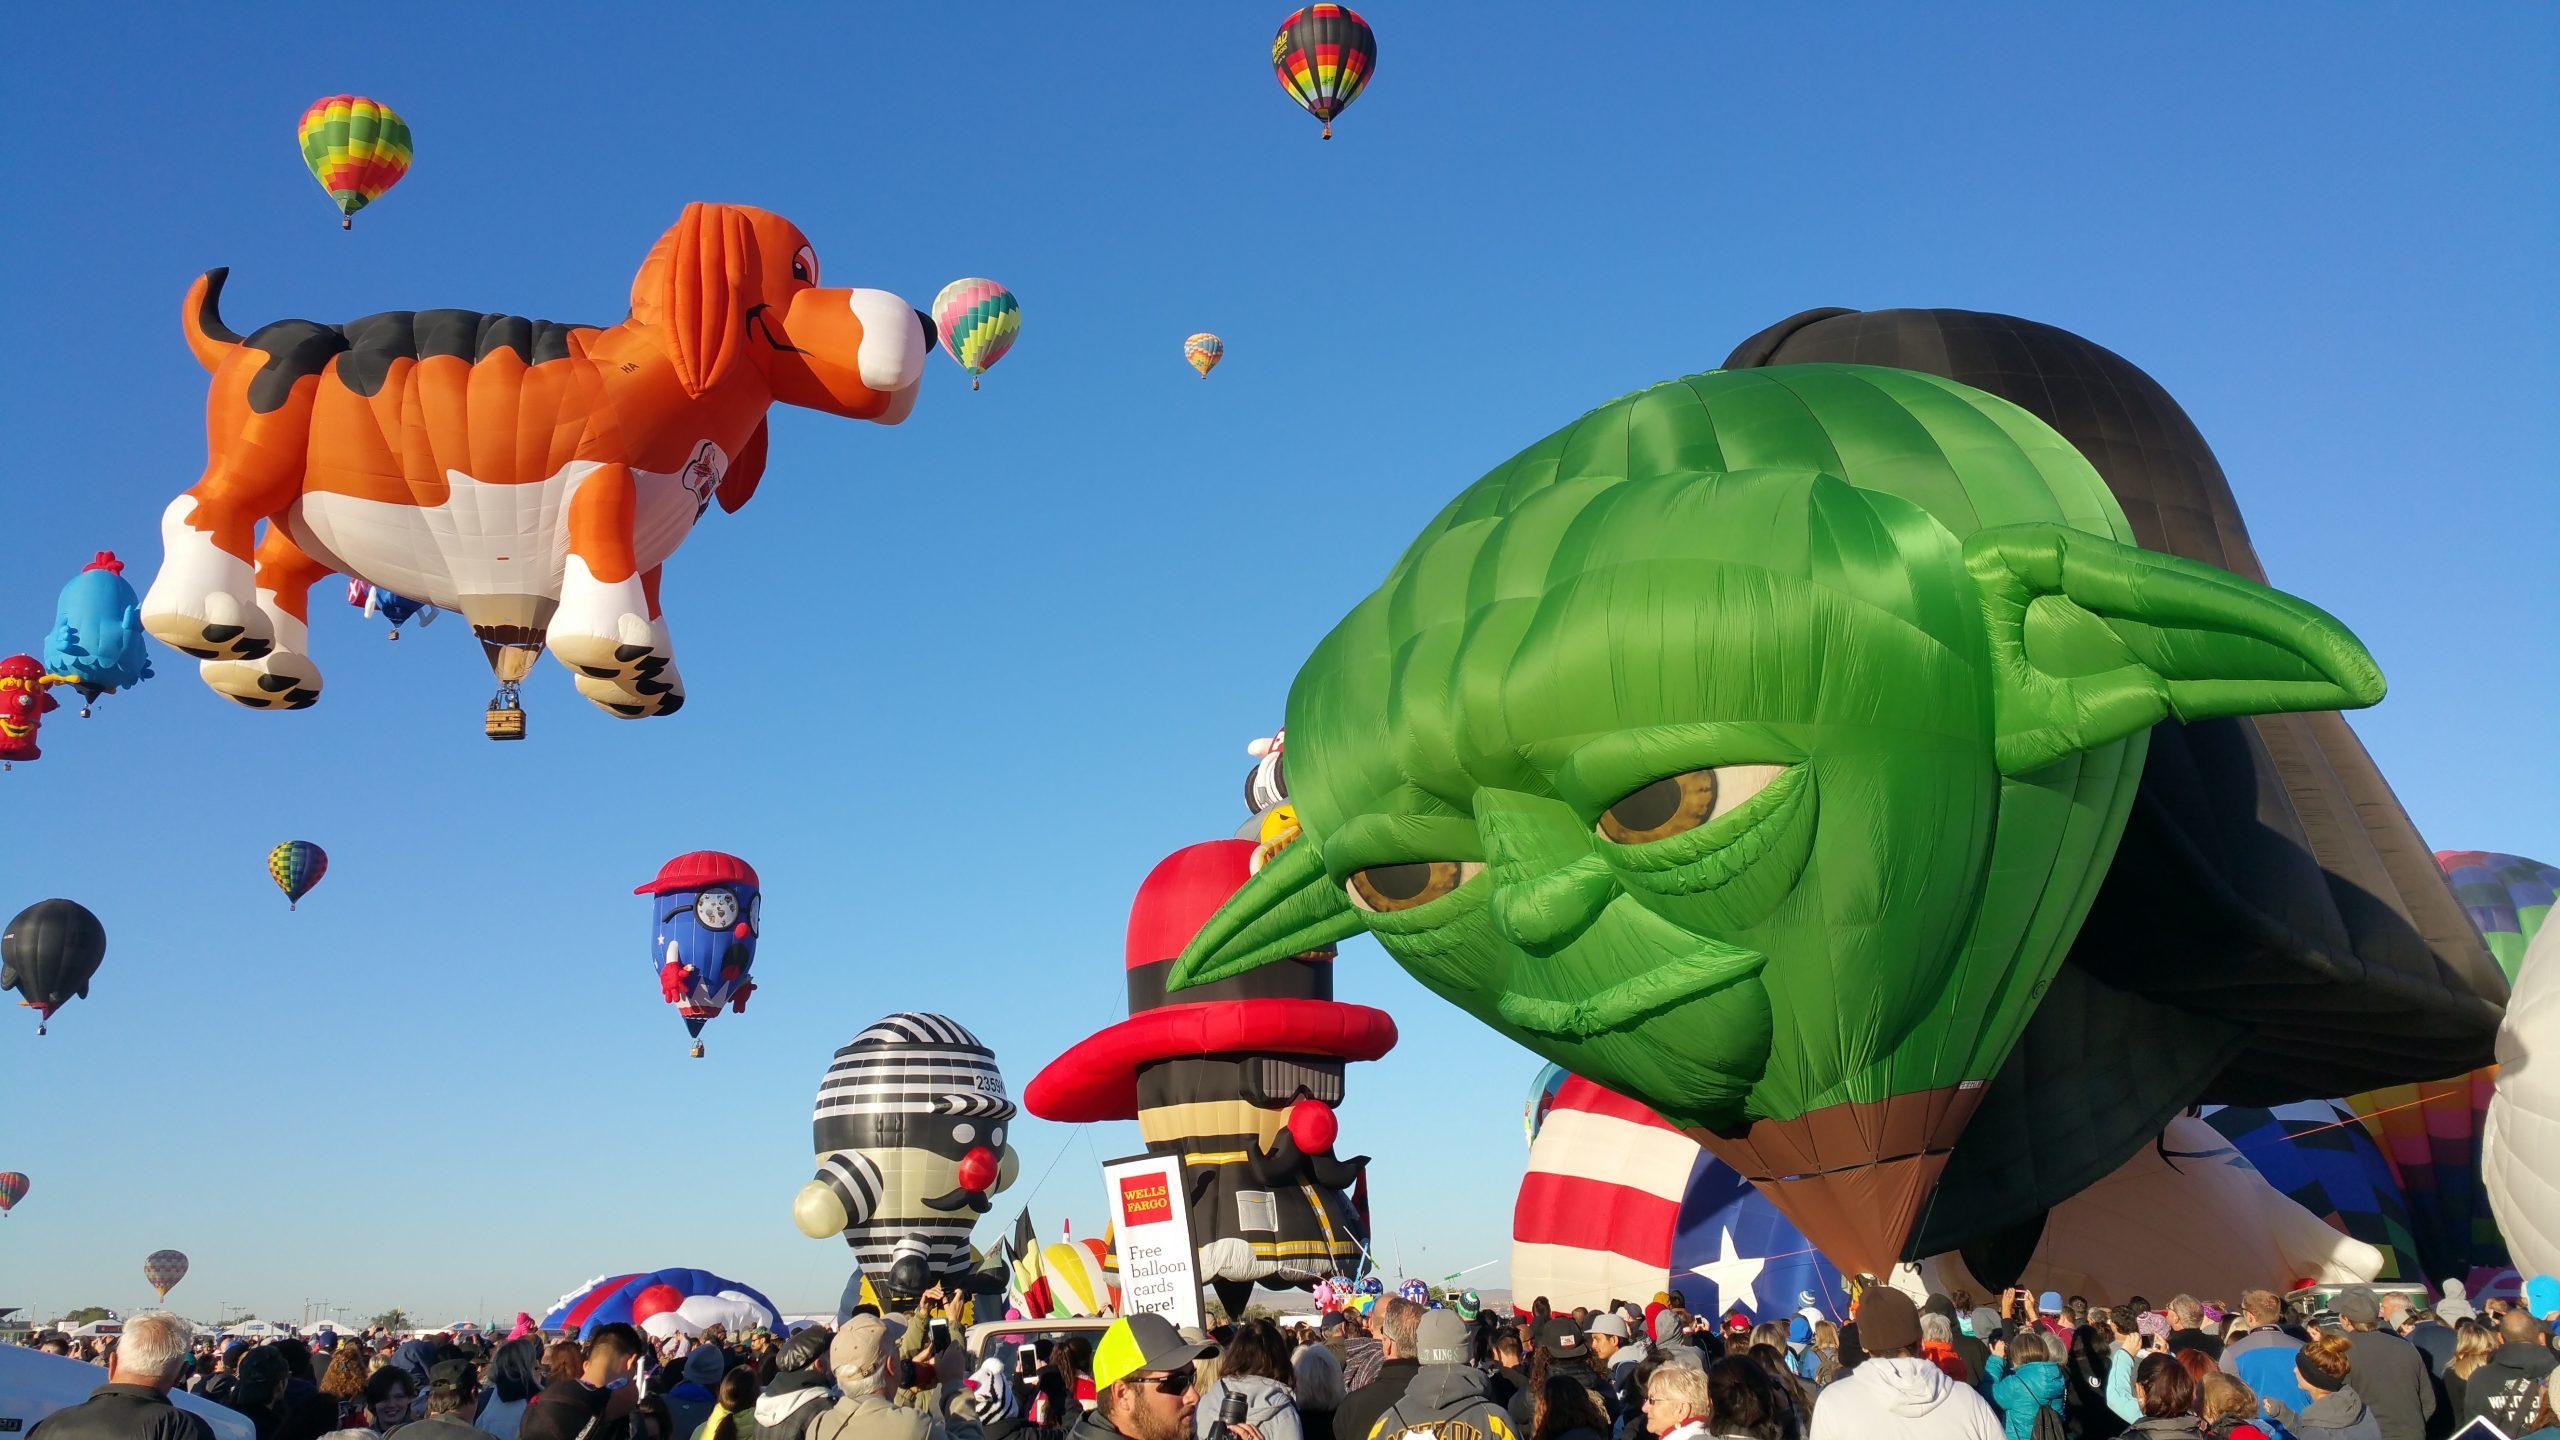 Albuquerque International Balloon Fiesta Yoda